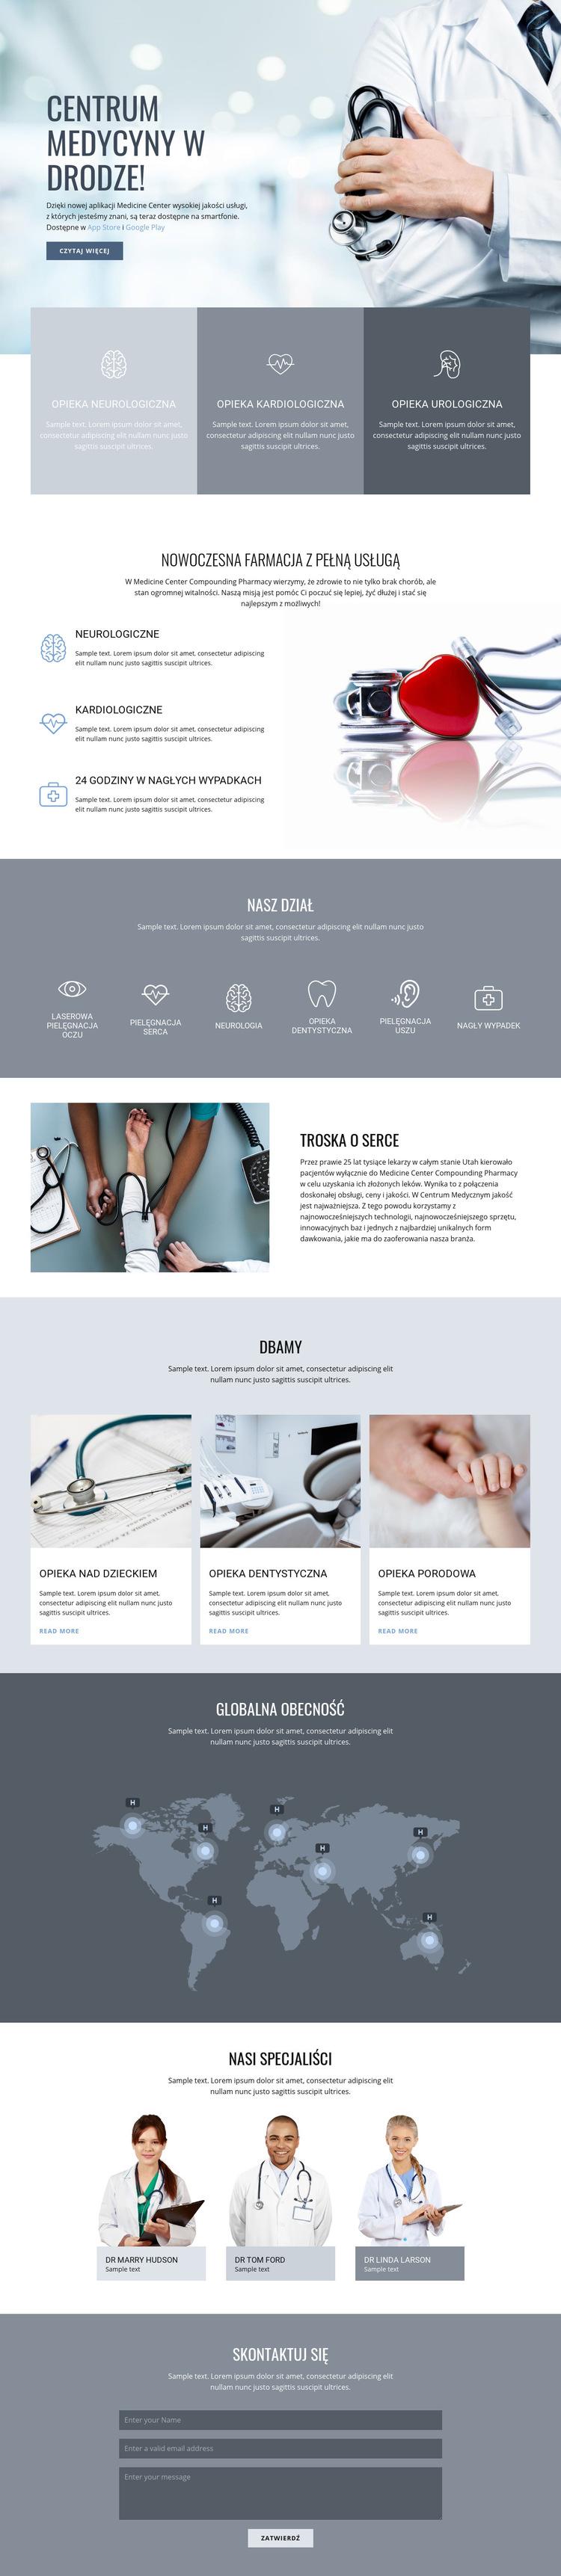 Centrum medycyny jakości Szablon witryny sieci Web